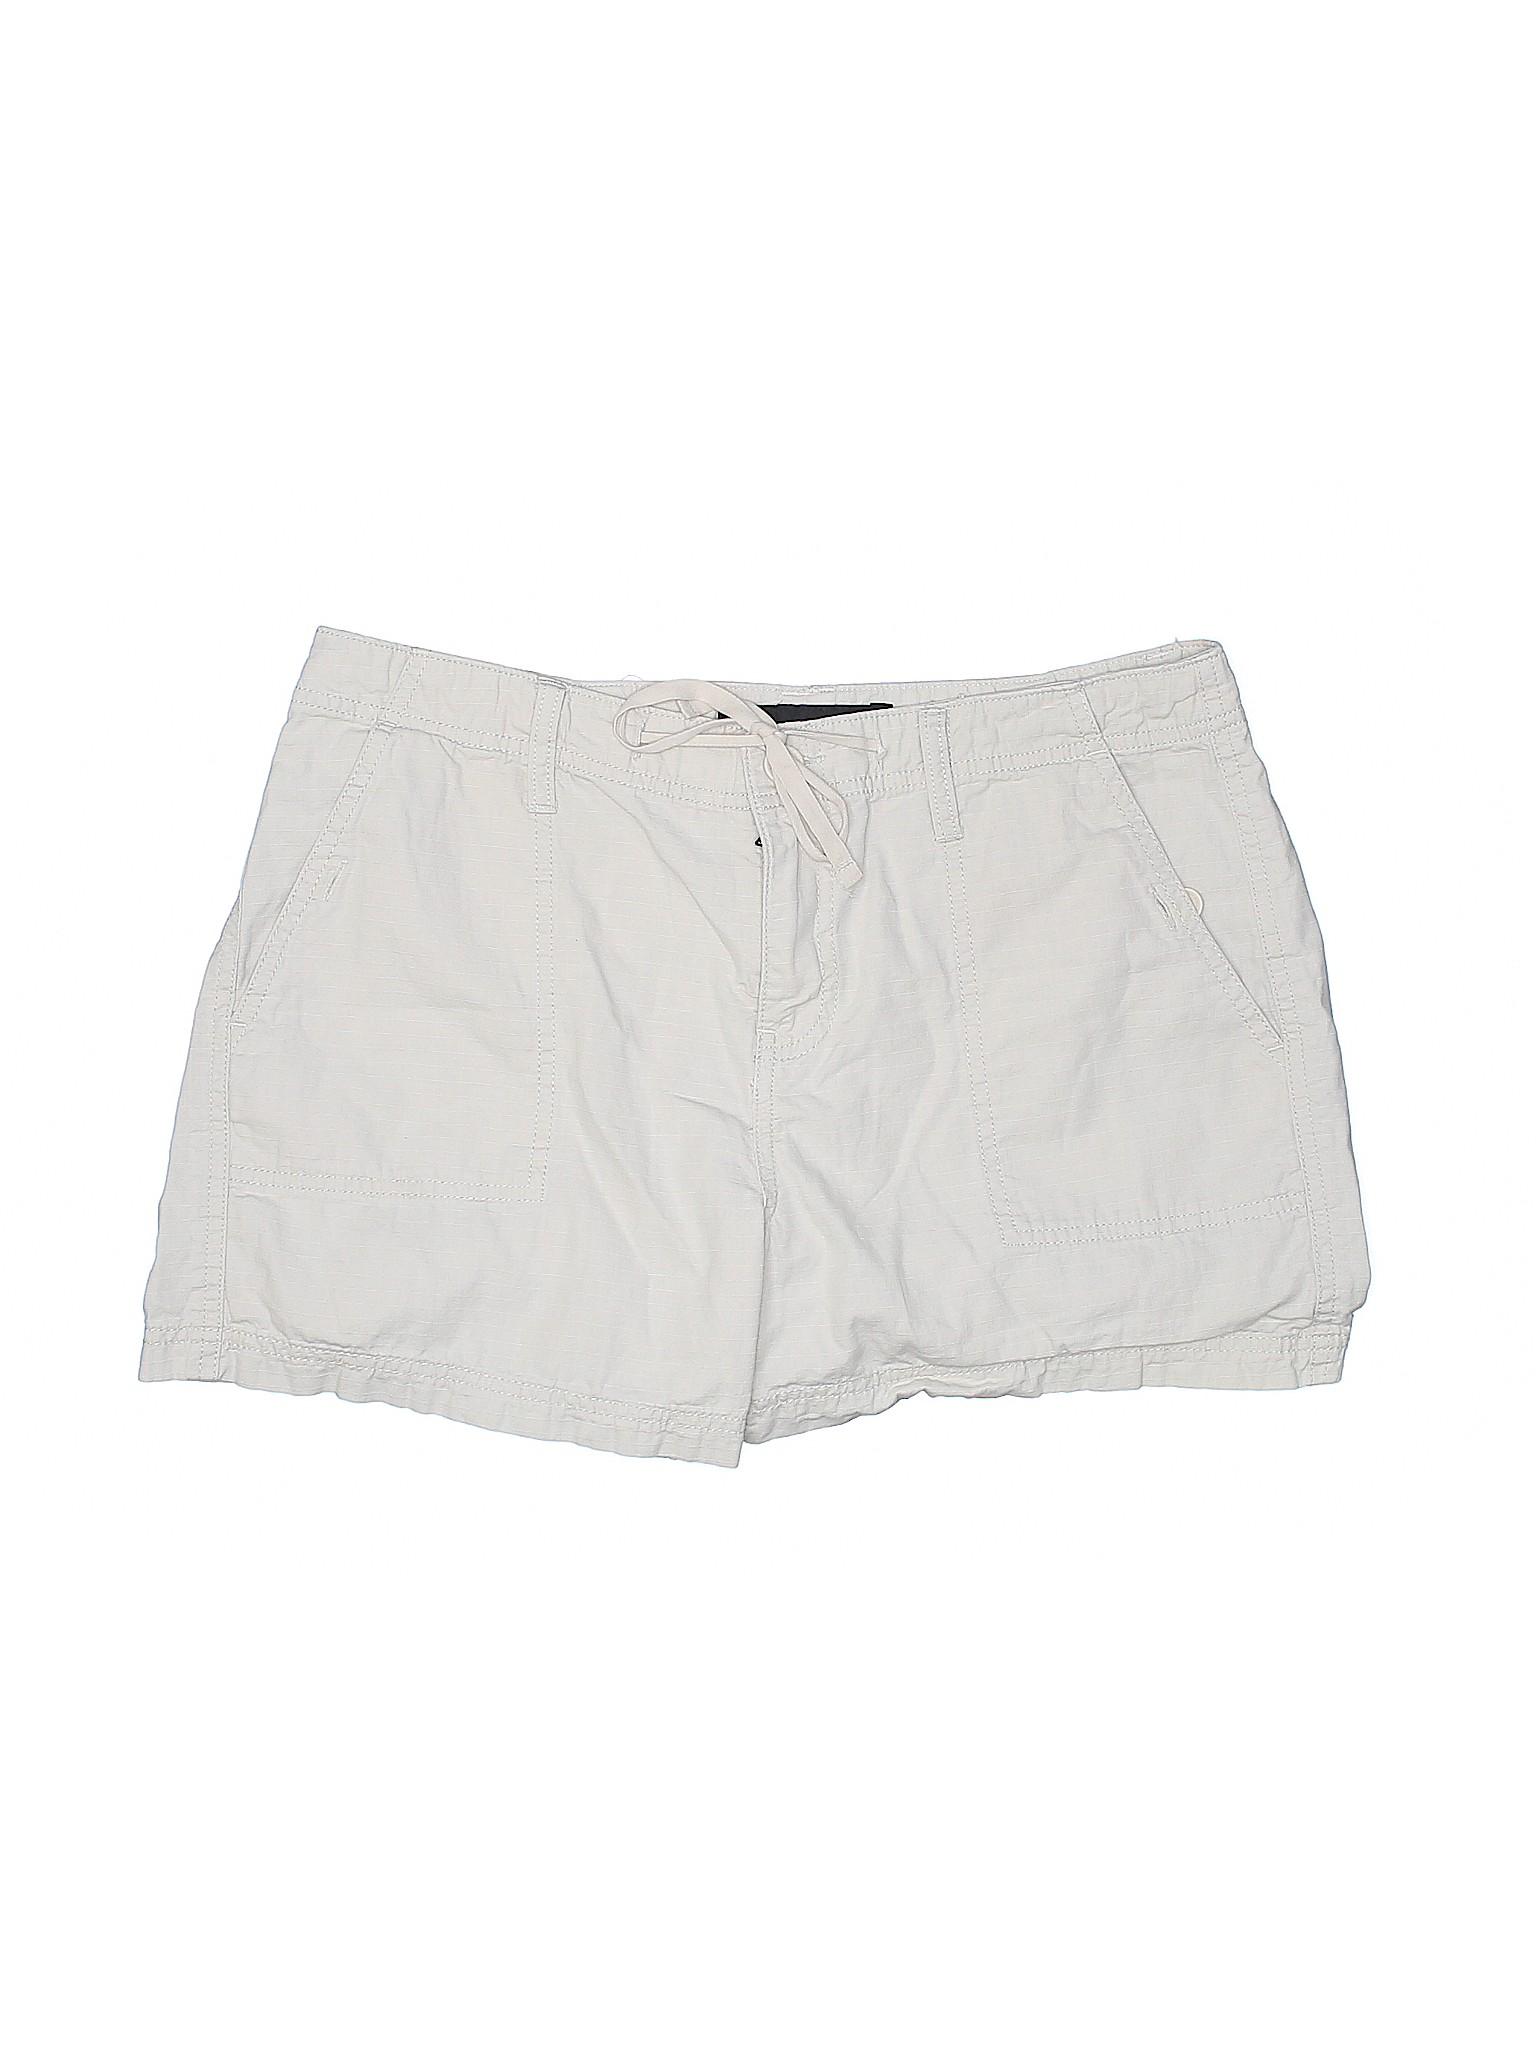 Shorts CALVIN Leisure KLEIN winter Khaki JEANS qBn8R